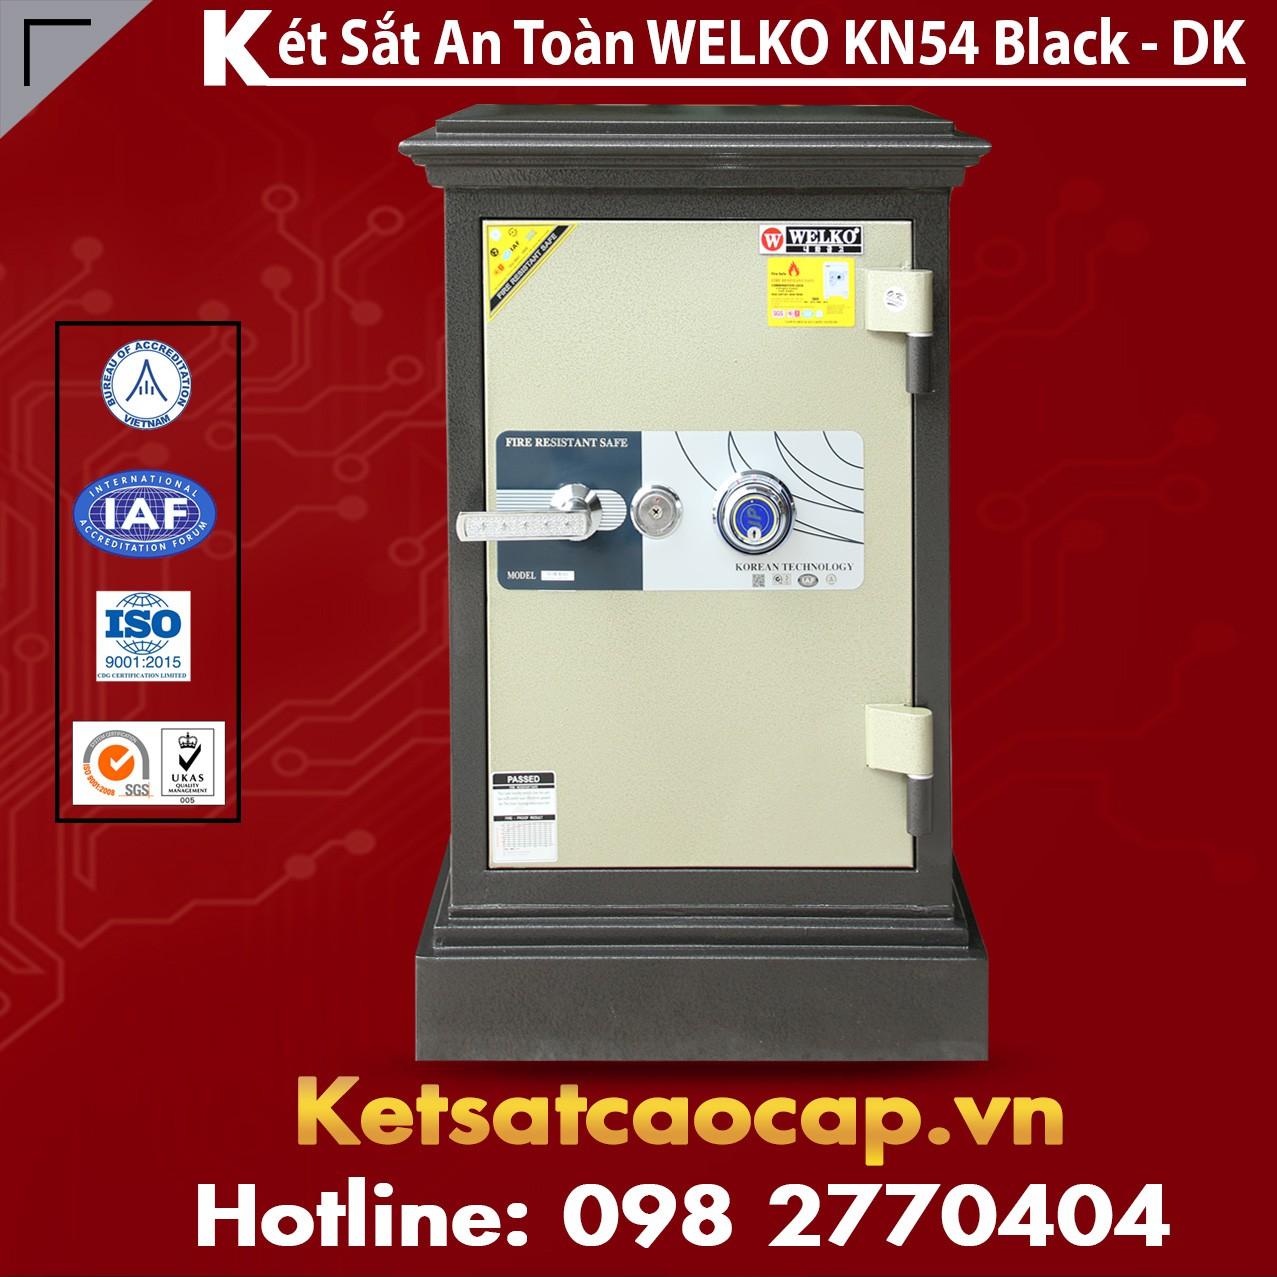 Két Sắt Chính Hãng WELKO KN54 Black - DK